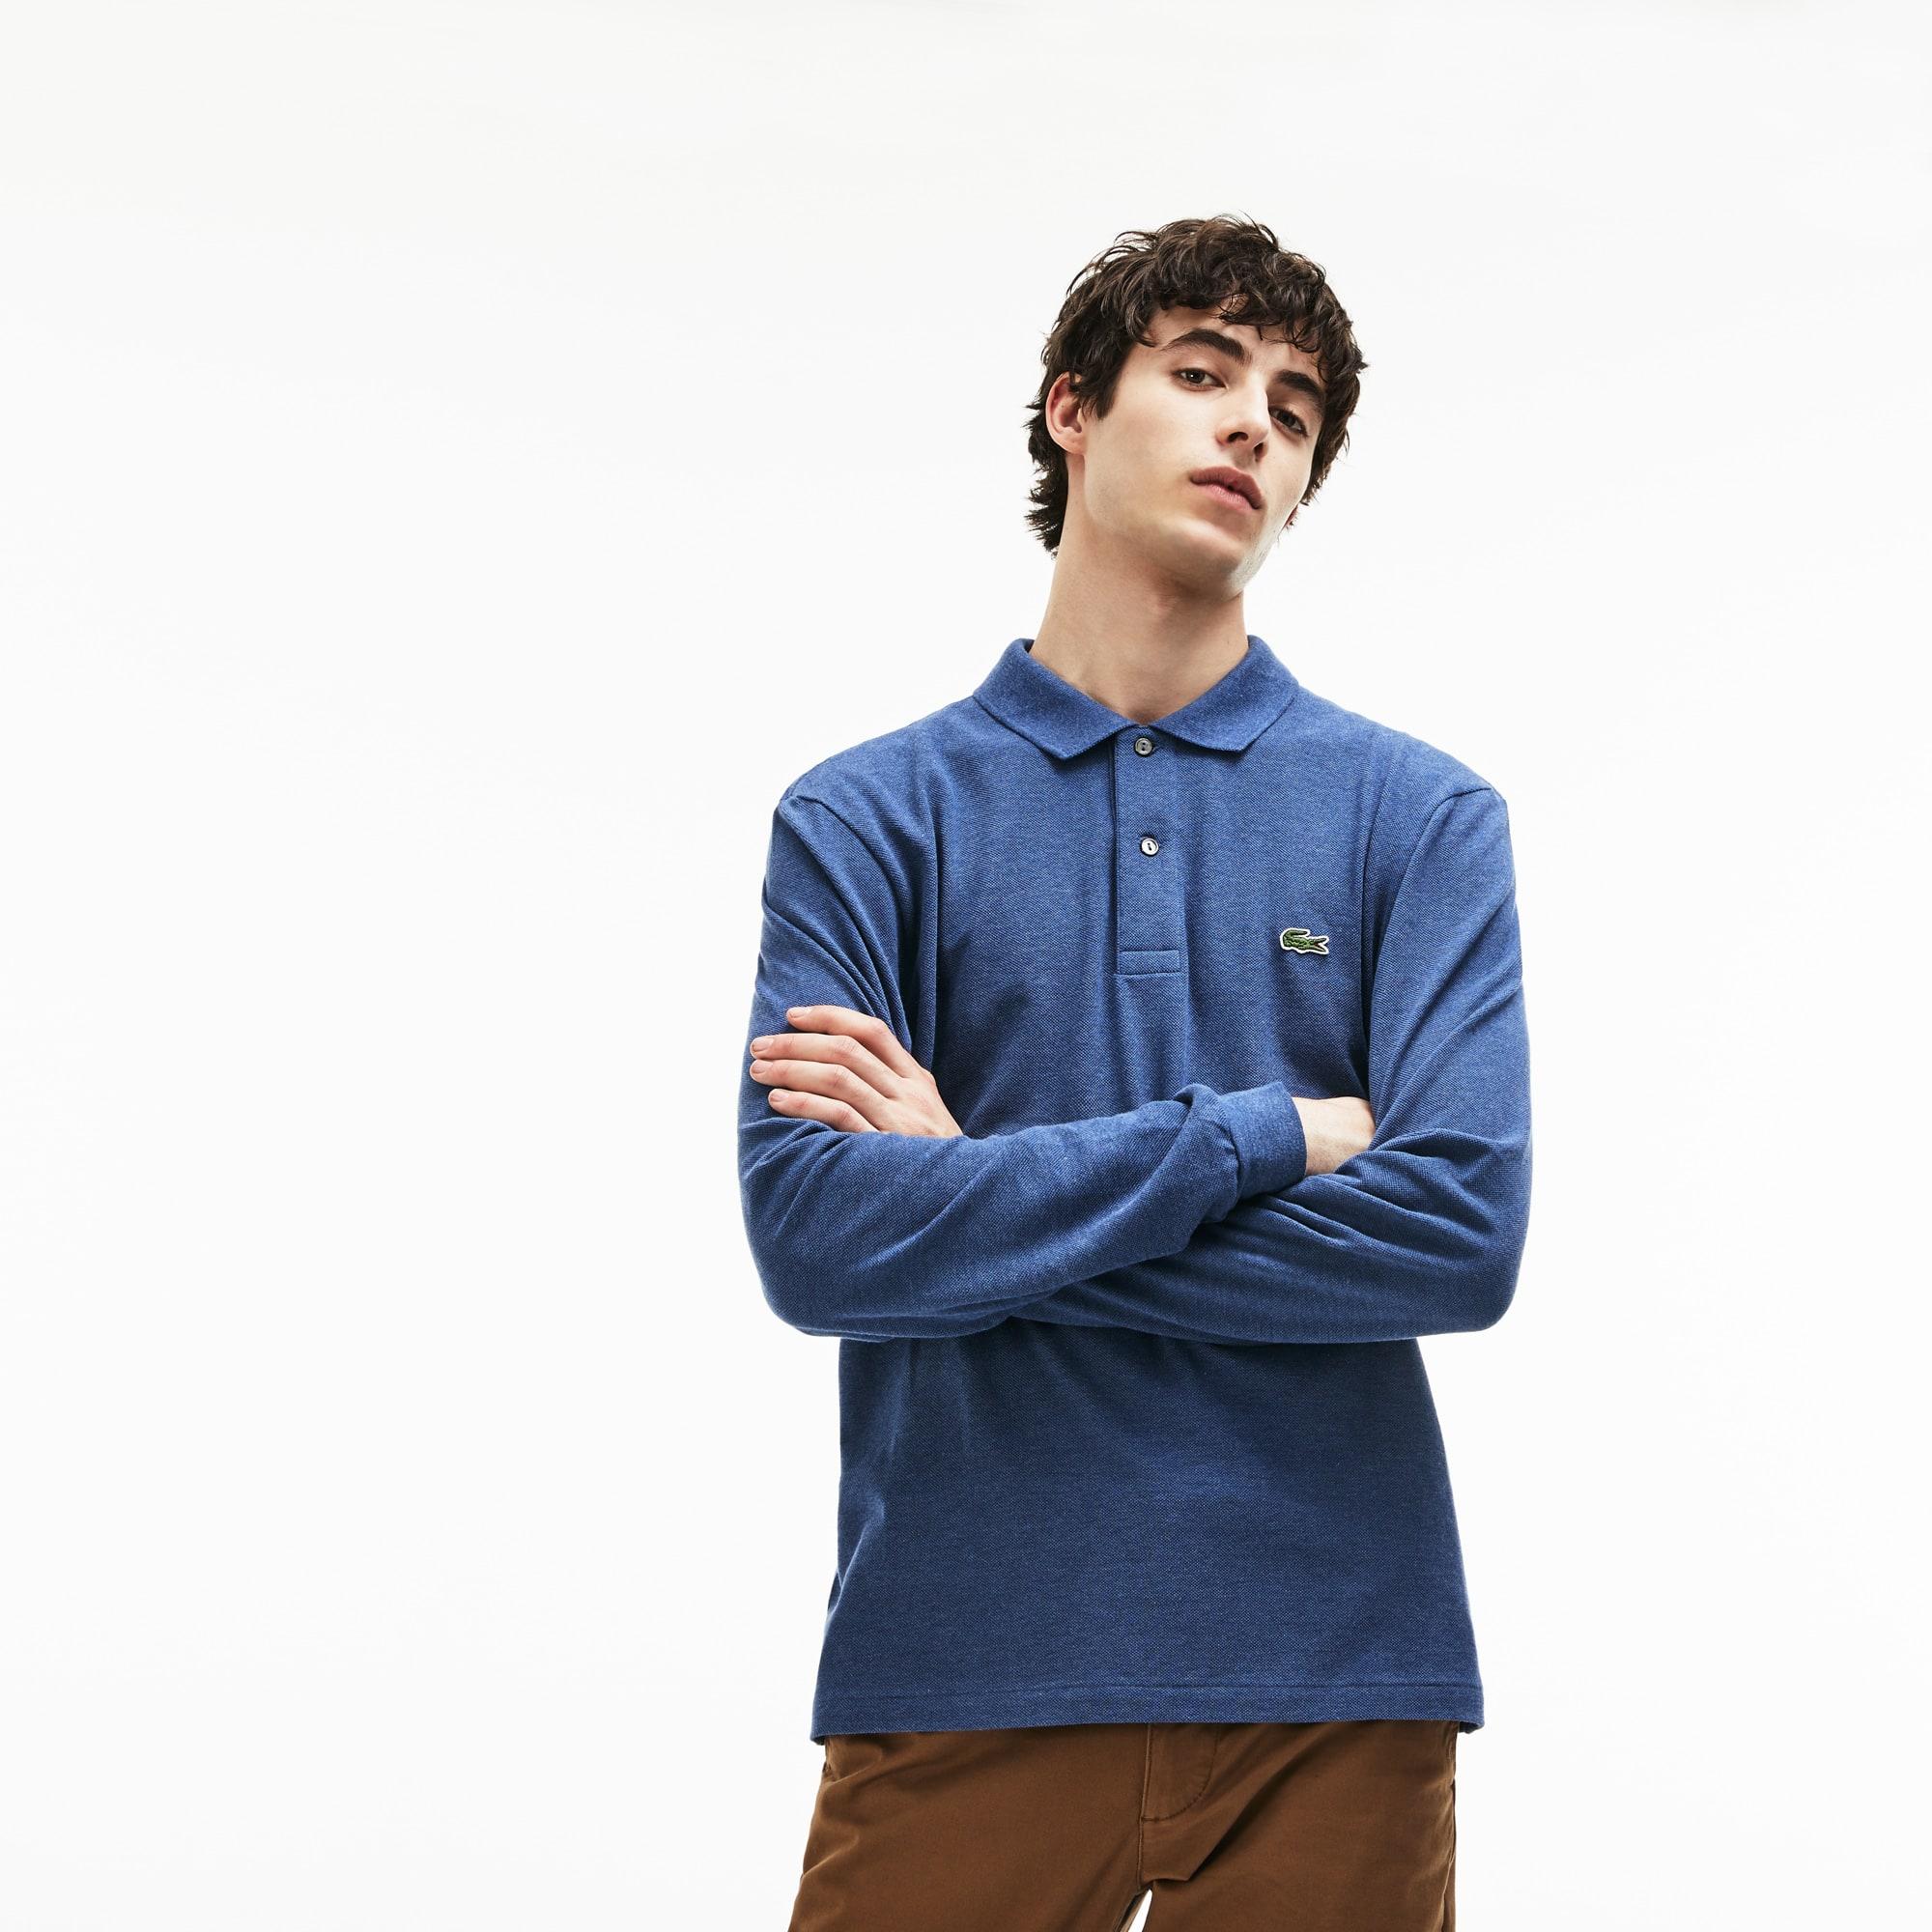 64256e6c33d Polos de manga larga | Moda para hombre | LACOSTE